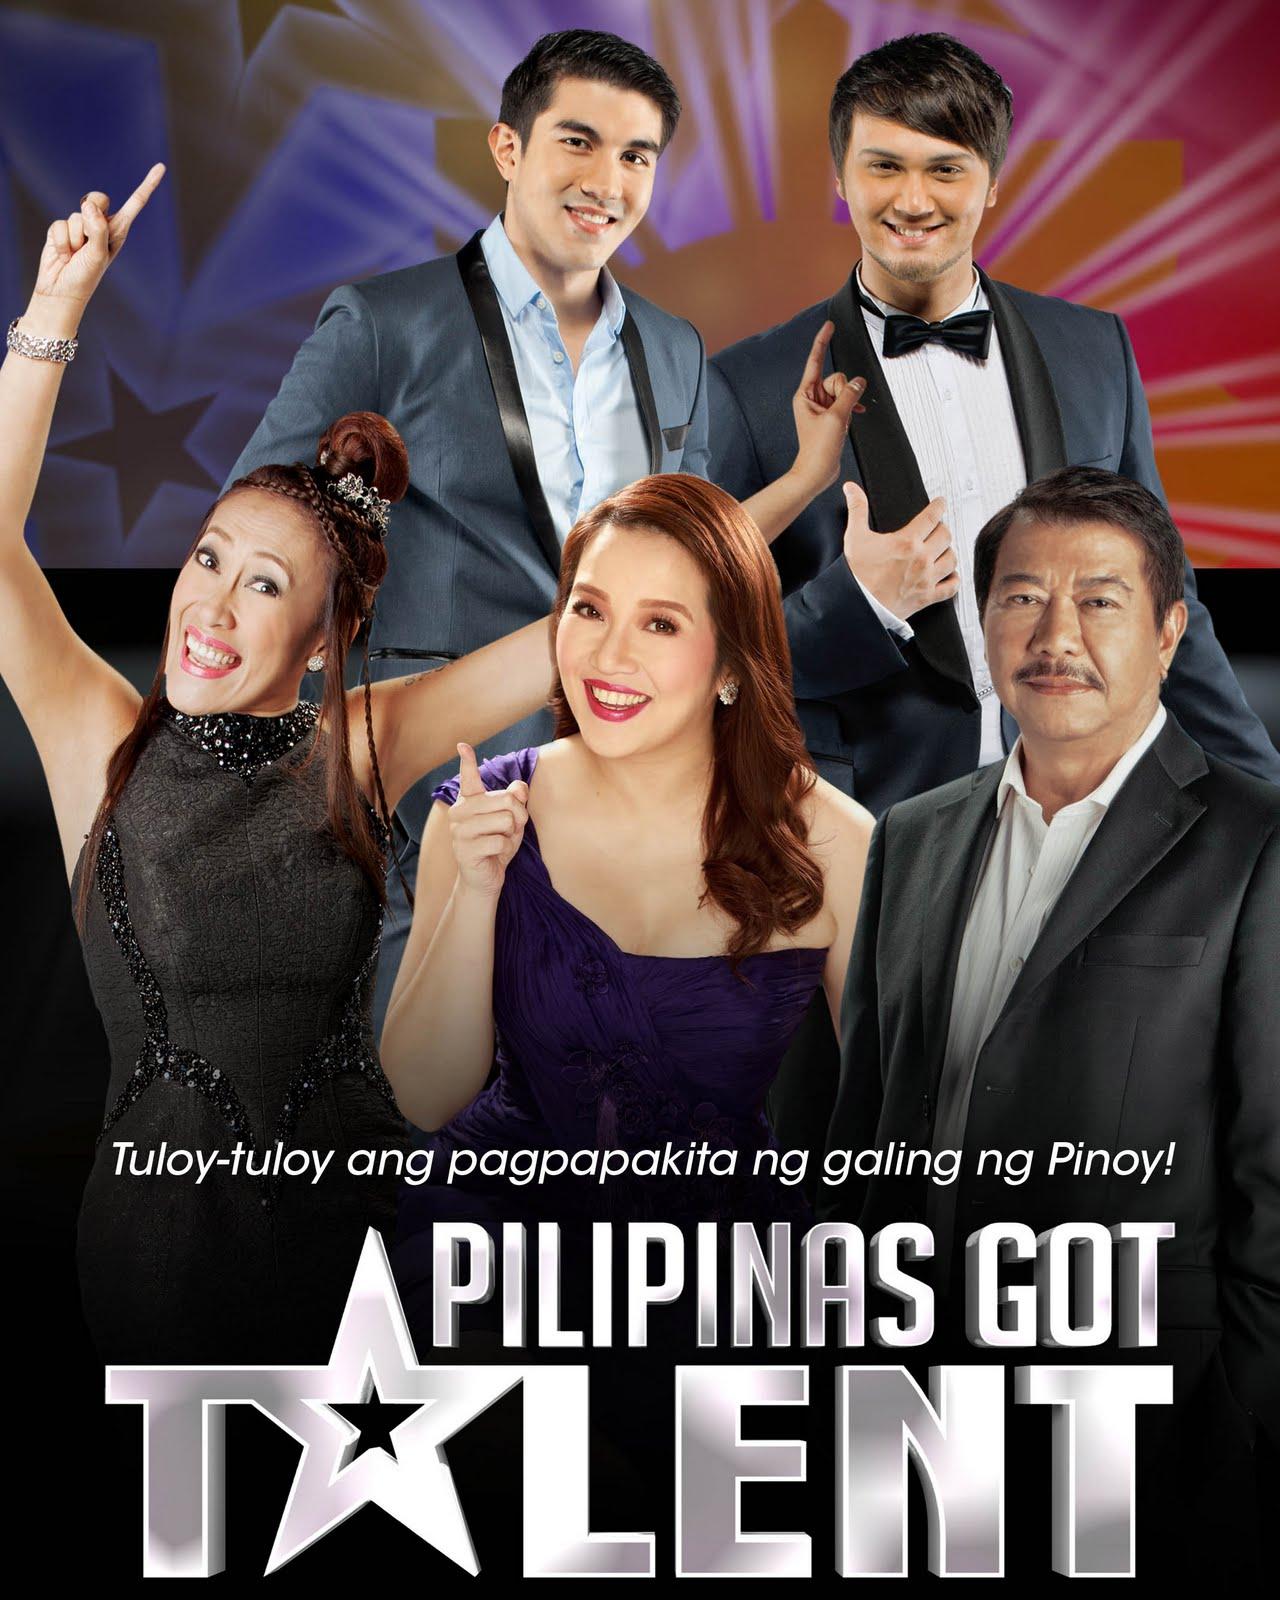 Download Pinoy Chupaan Videos Y Videos